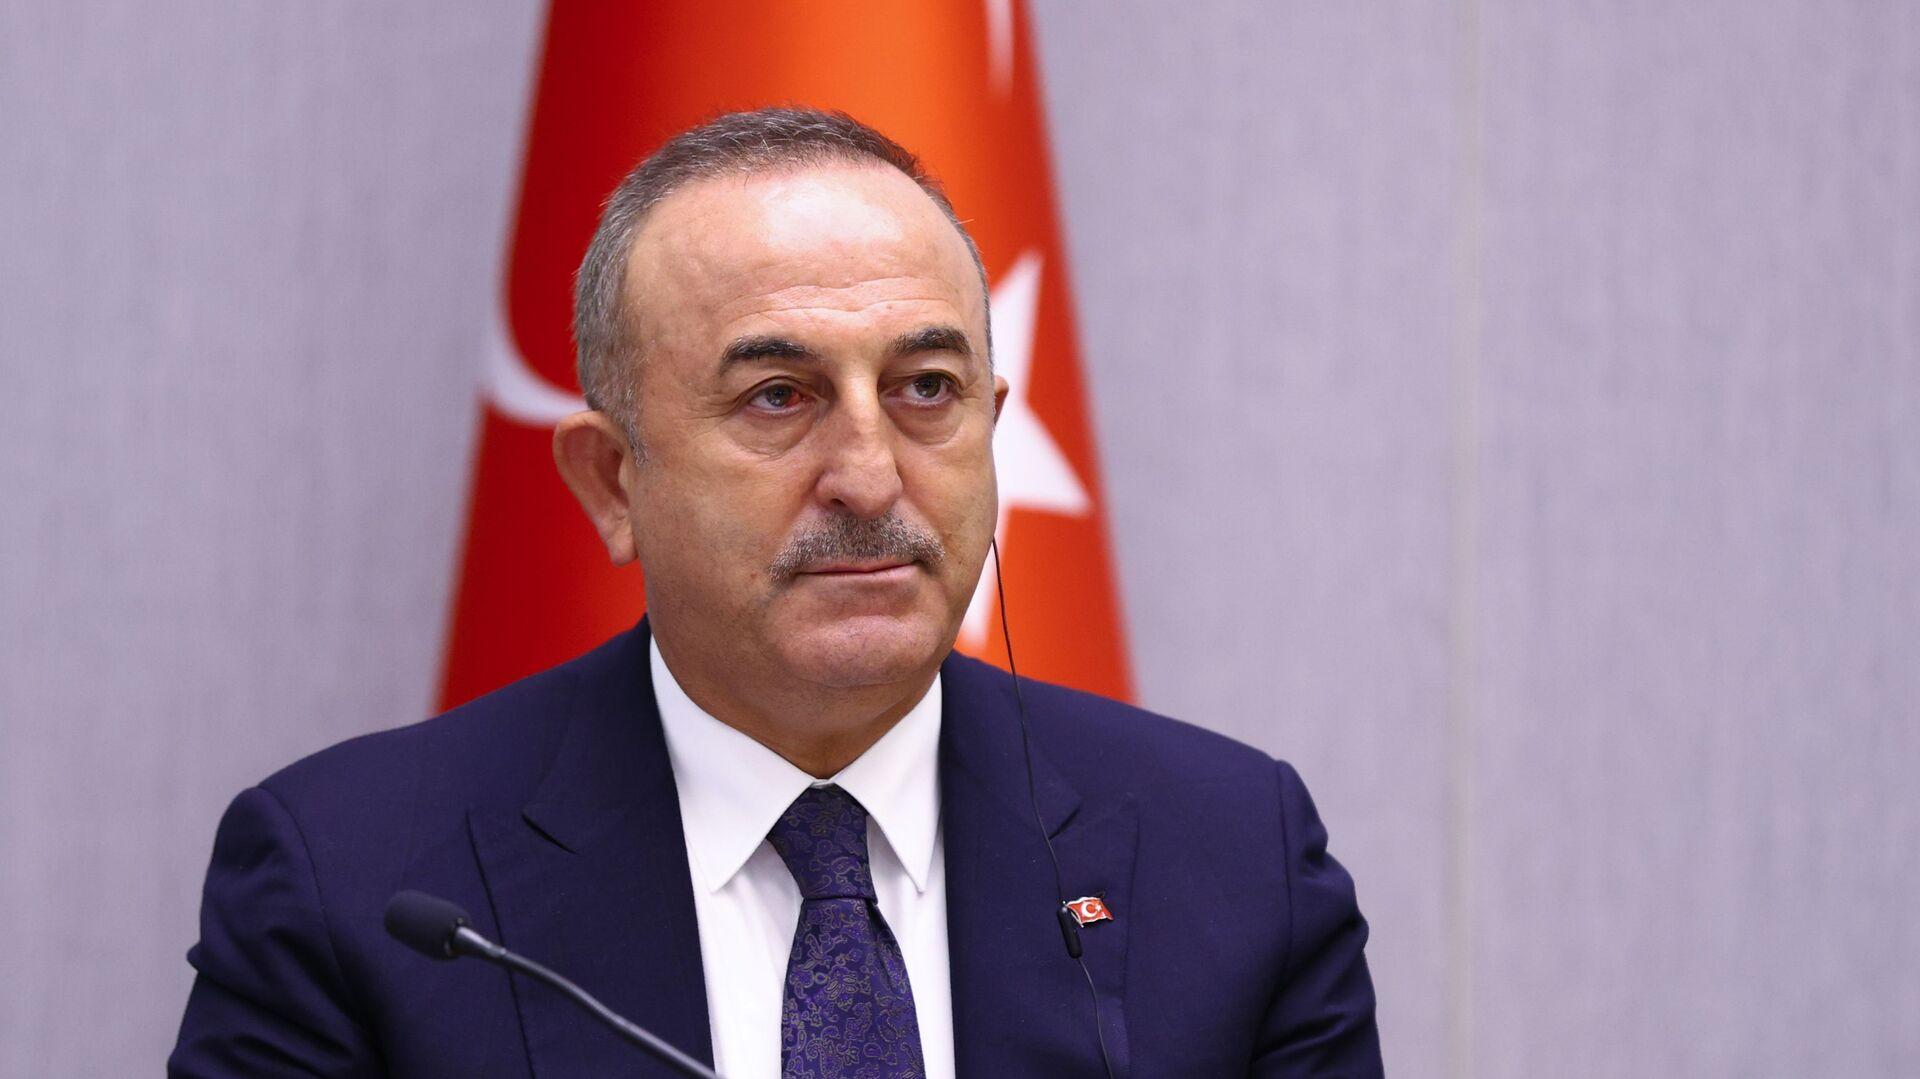 Ο Τούρκος υπουργός Εξωτερικών Μεβλούτ Τσαβούσογλου - Sputnik Ελλάδα, 1920, 14.10.2021